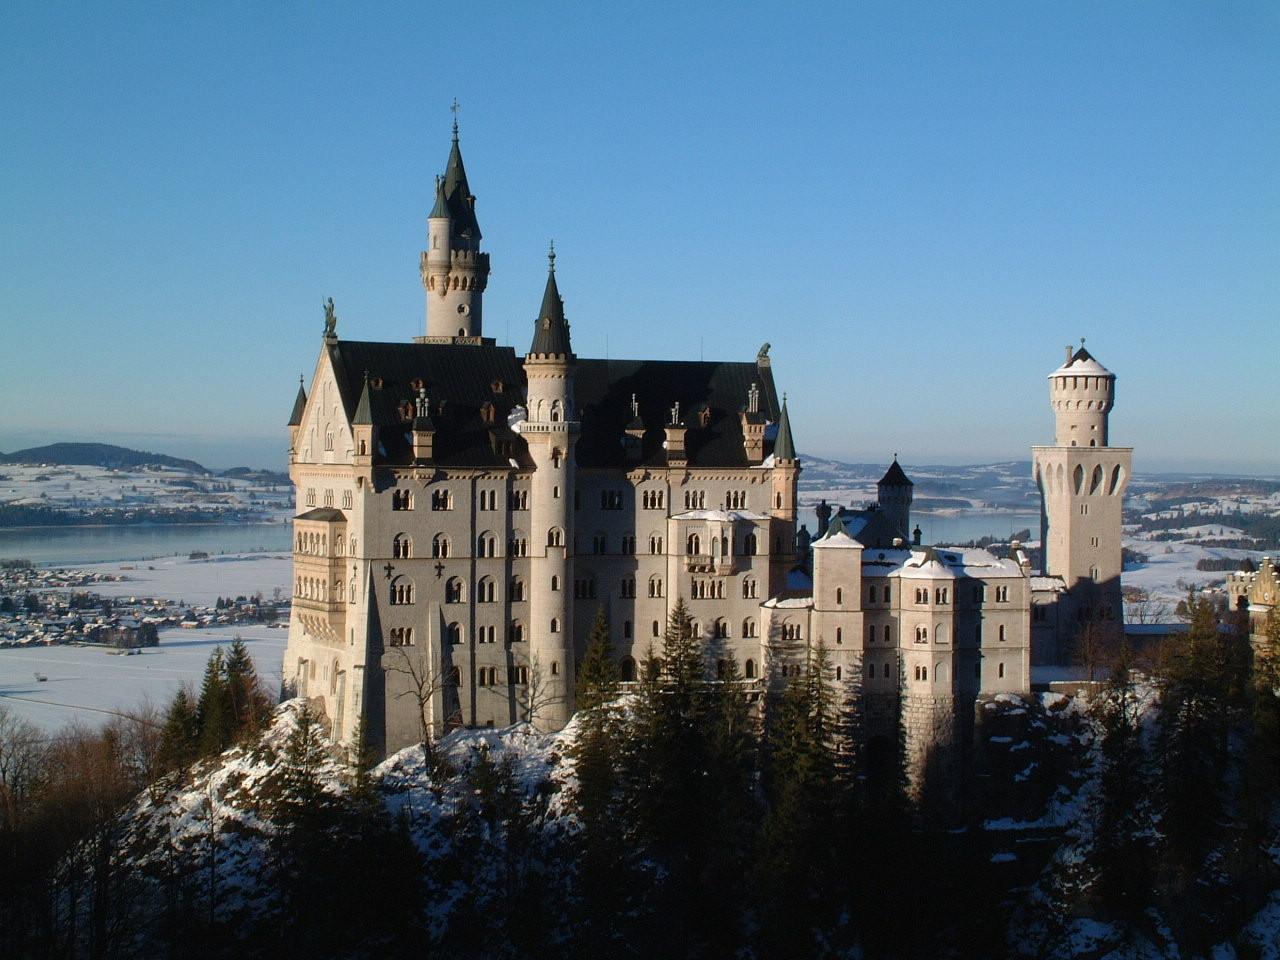 Het aan de oevers van de Schwansee gelegen Schloss Neuschwanstein in Zuid-Duitsland.